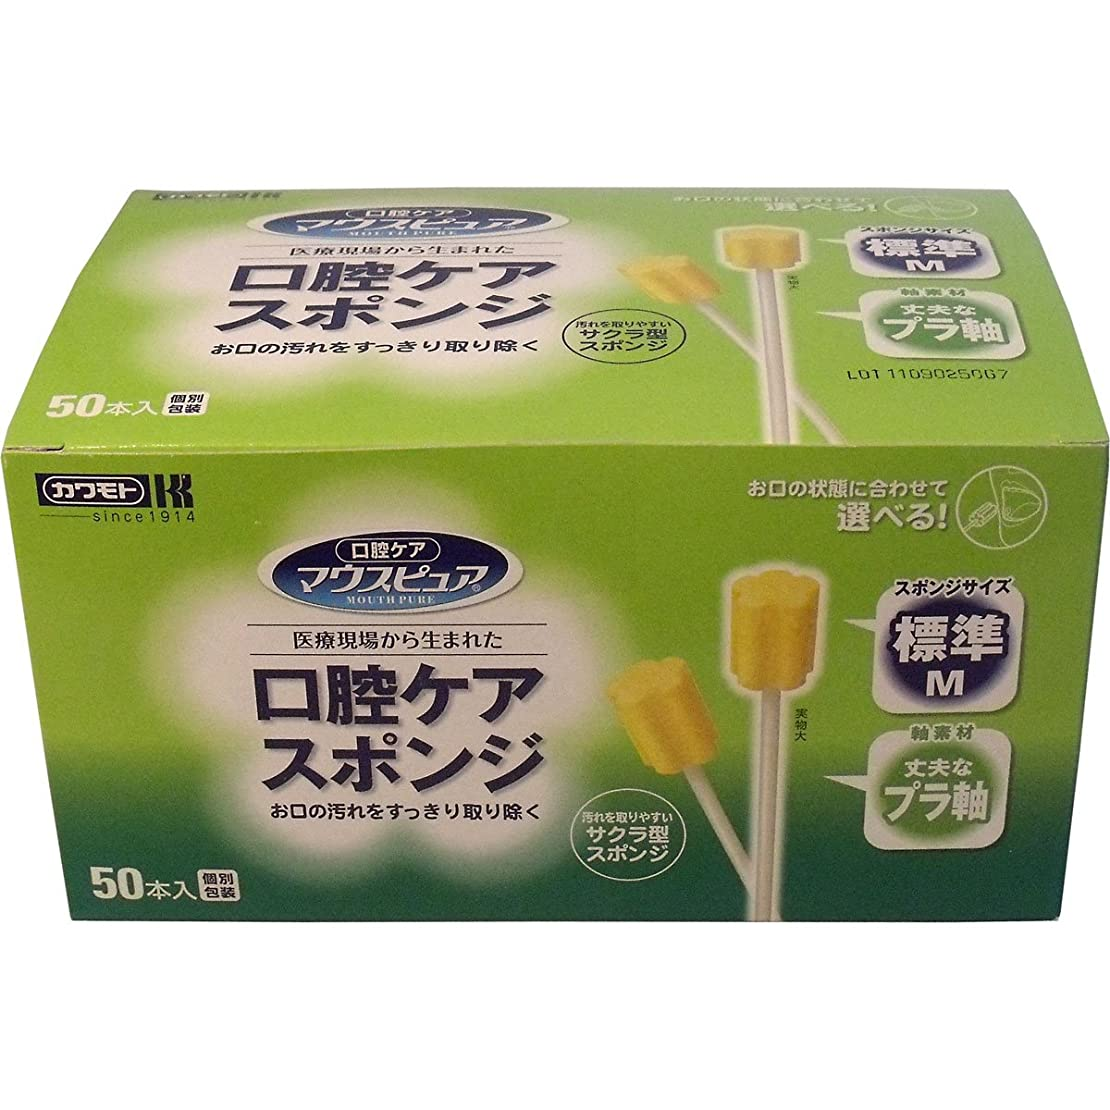 昼食公詳細なマウスピュア 口腔ケアスポンジ プラスチック軸Mサイズ 50本